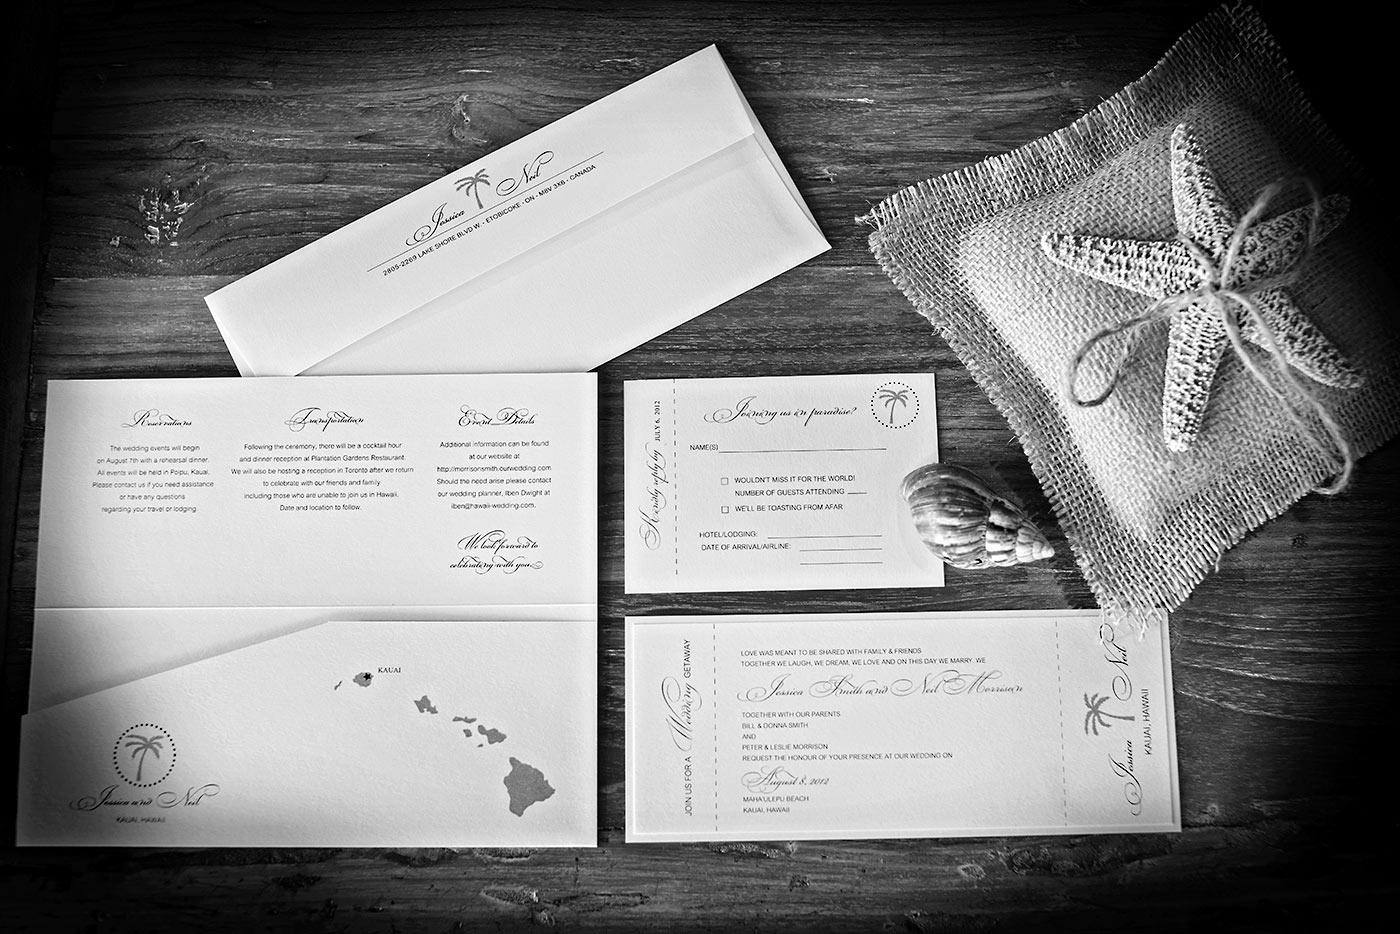 Kauai-Island-Hawaii-wedding-photo-(94).jpg